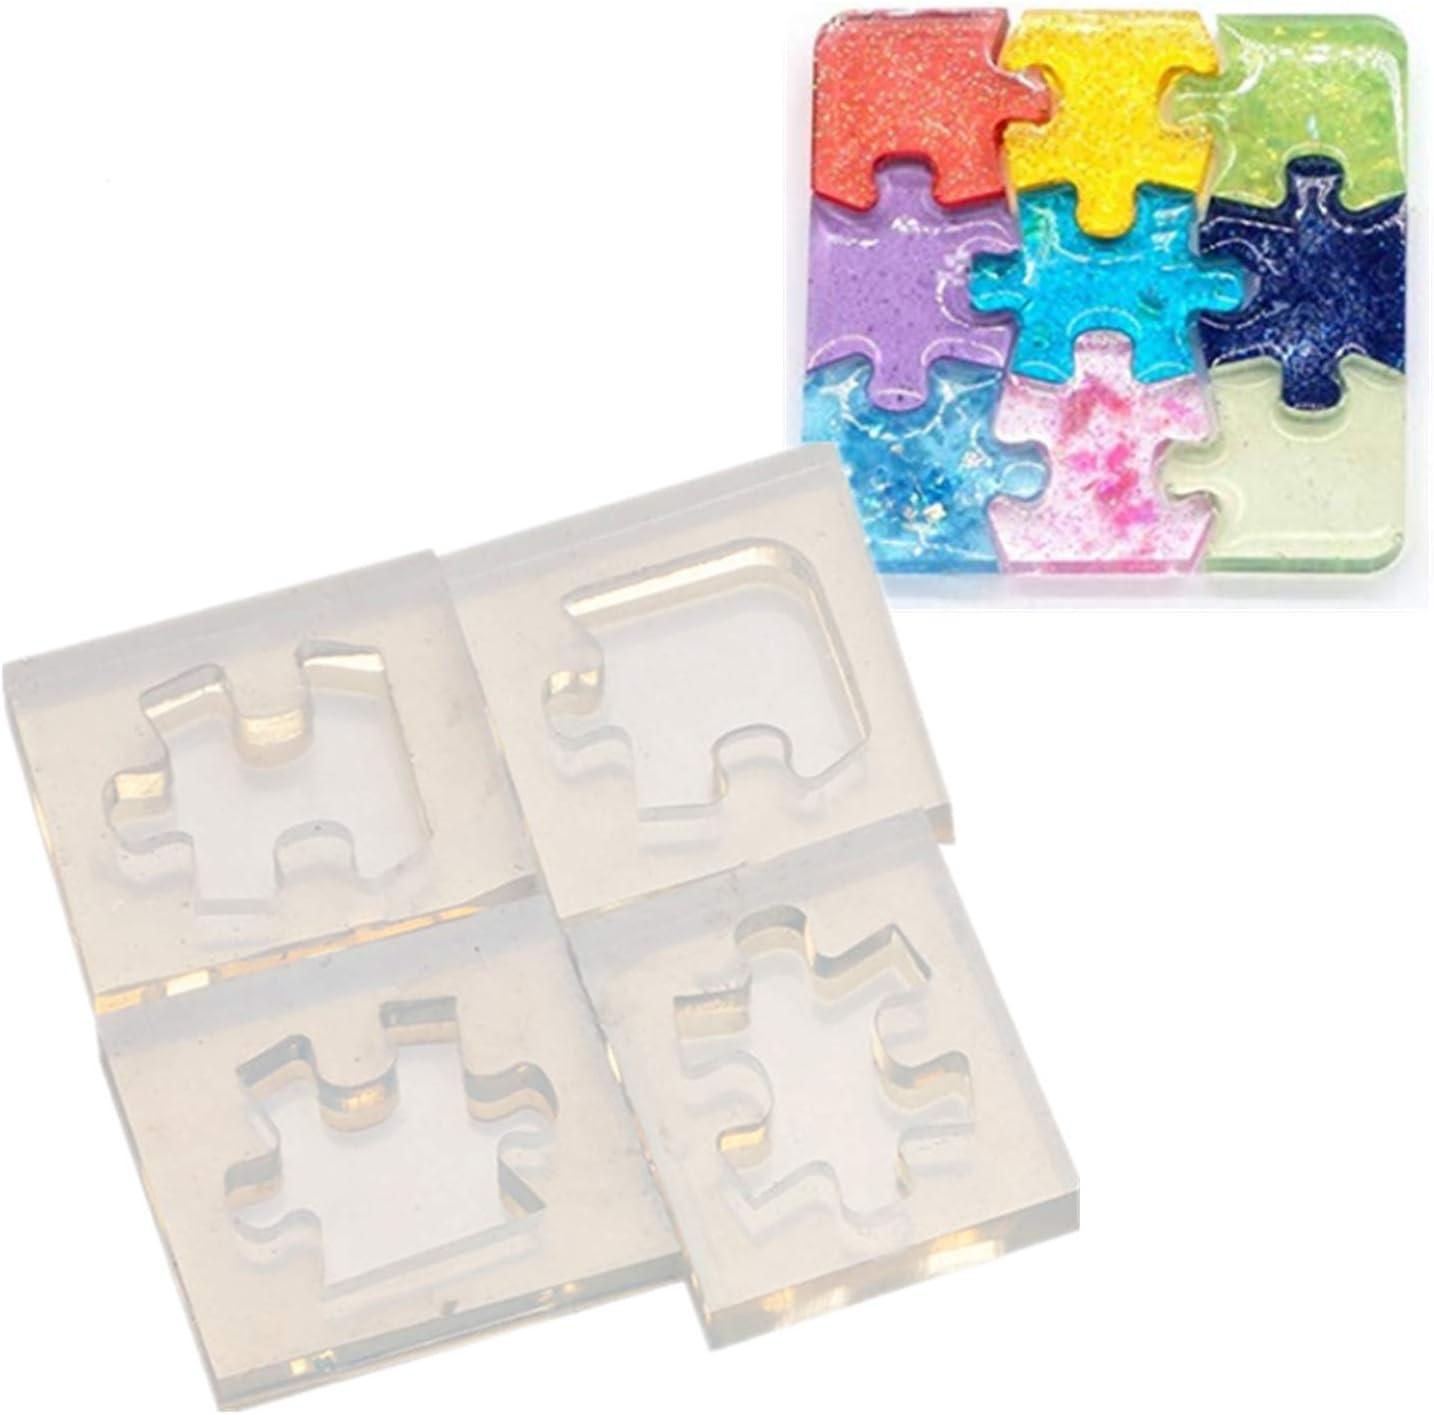 E-HONER Puzzle Piece Stampo in Resina Silicone Puzzle Pastelli Maker Stampo in Silicone Artigianato Artistico